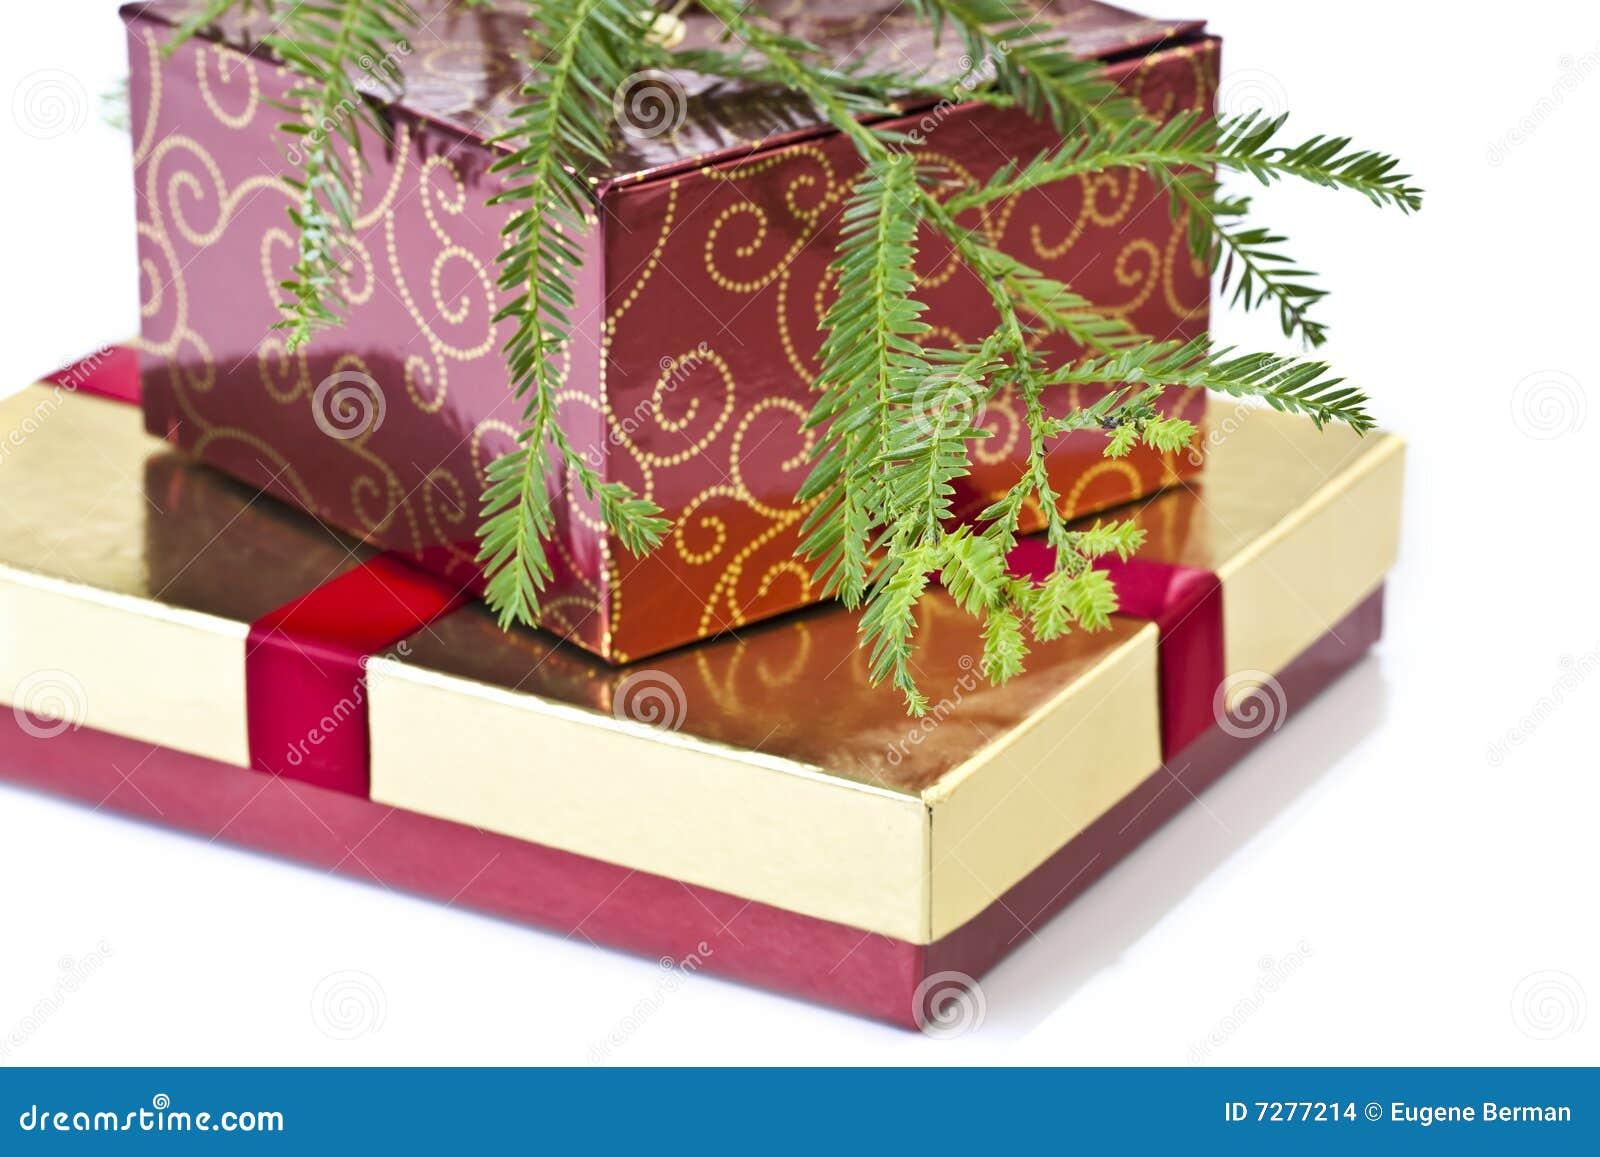 Rectángulos y árbol de navidad de regalo